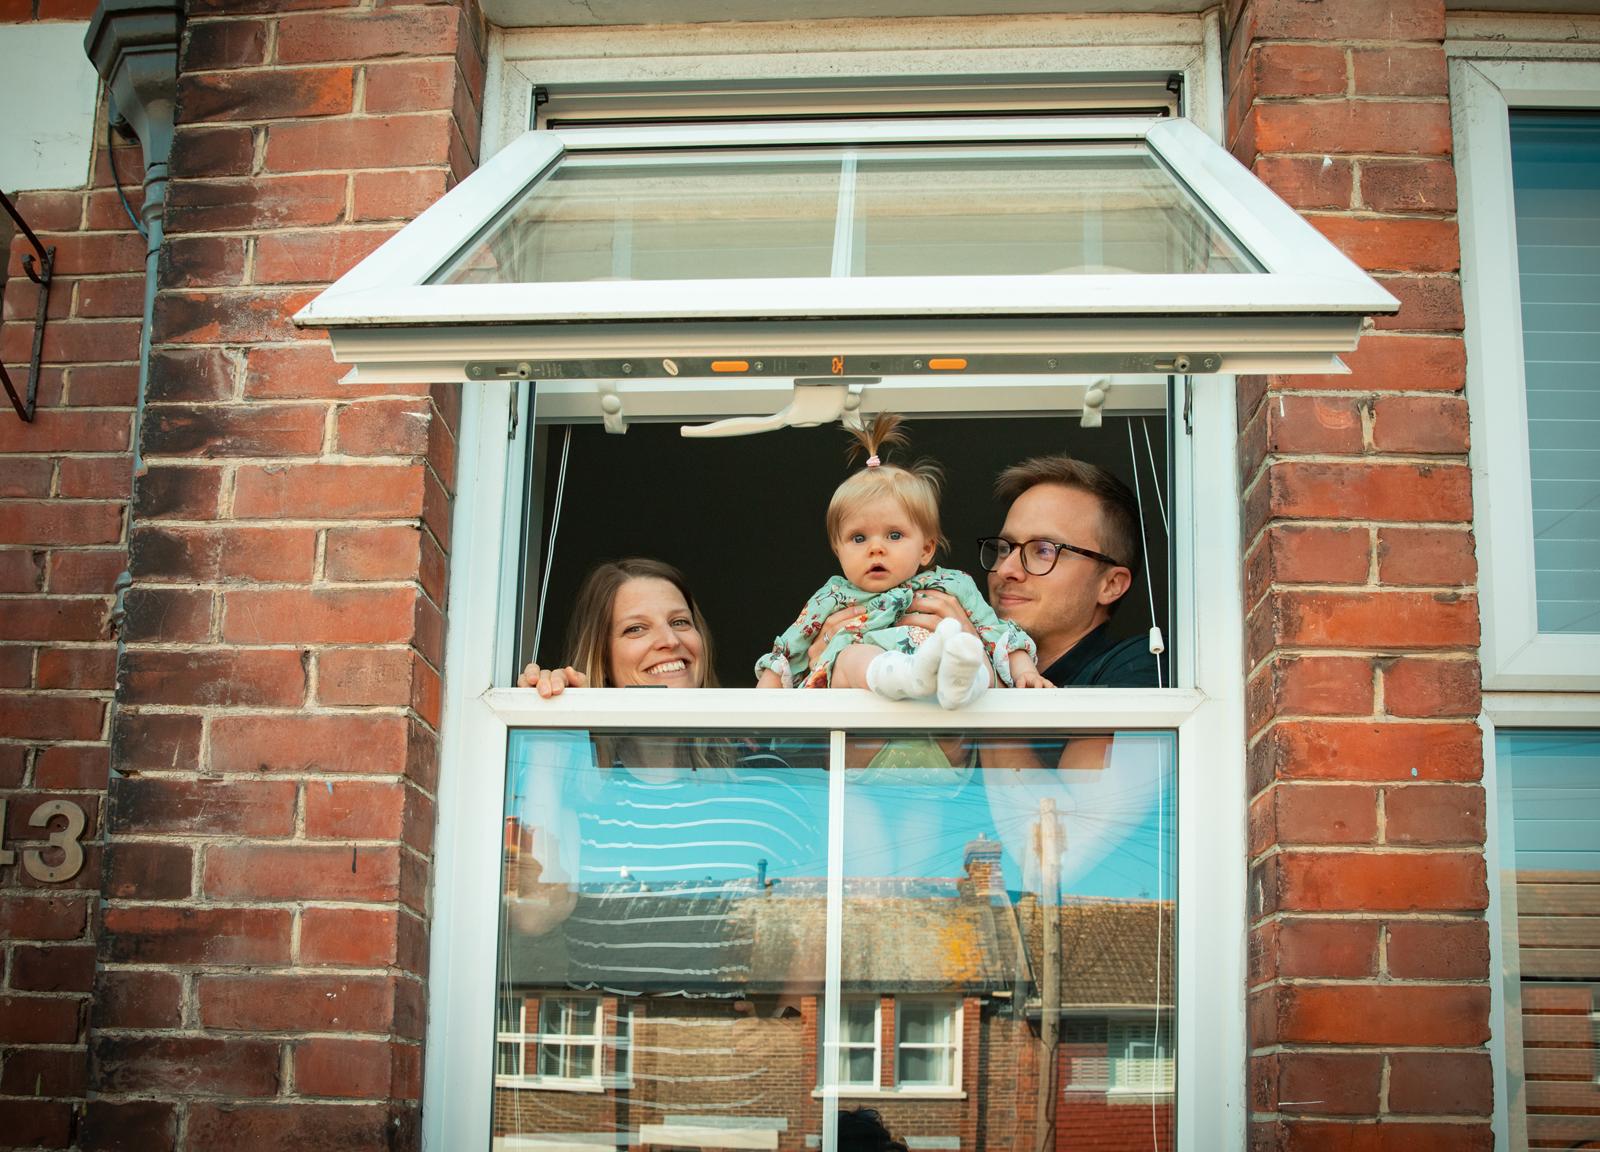 WILL, DANIEL & IVY, CTMW, Photo by Gili Dailes